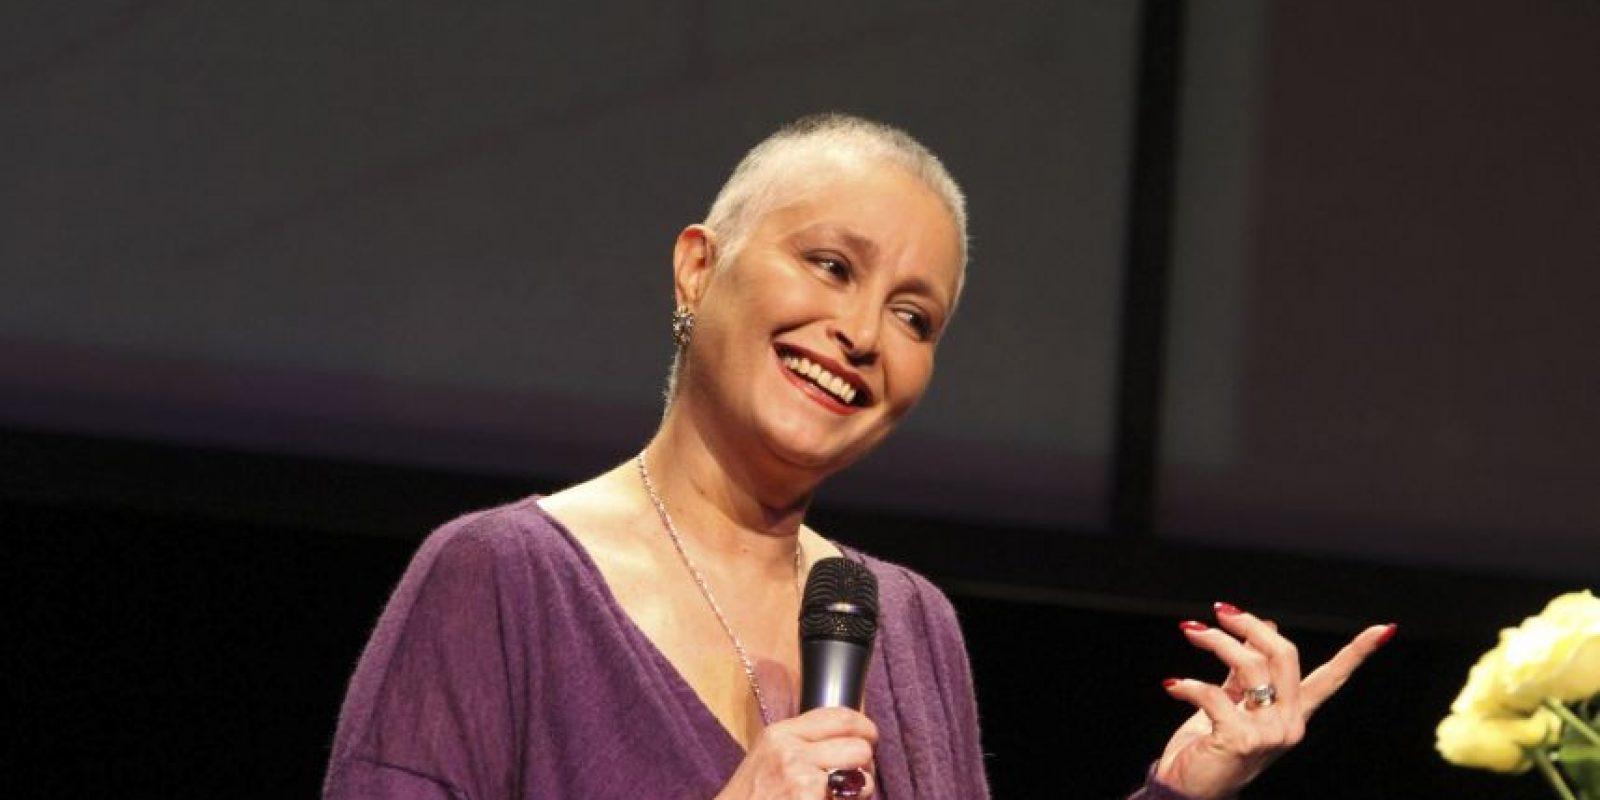 Daniela Romo superó el cáncer de mama, se alejó de los reflectores en noviembre de 2011 cuando le fue extirpado un tumor del seno izquierdo. En diciembre inició un tratamiento que incluyó 12 sesiones de quimioterapia y 30 de radioterapia y el año pasado reapareció más fuerte que nunca. Foto:Cuartoscuro